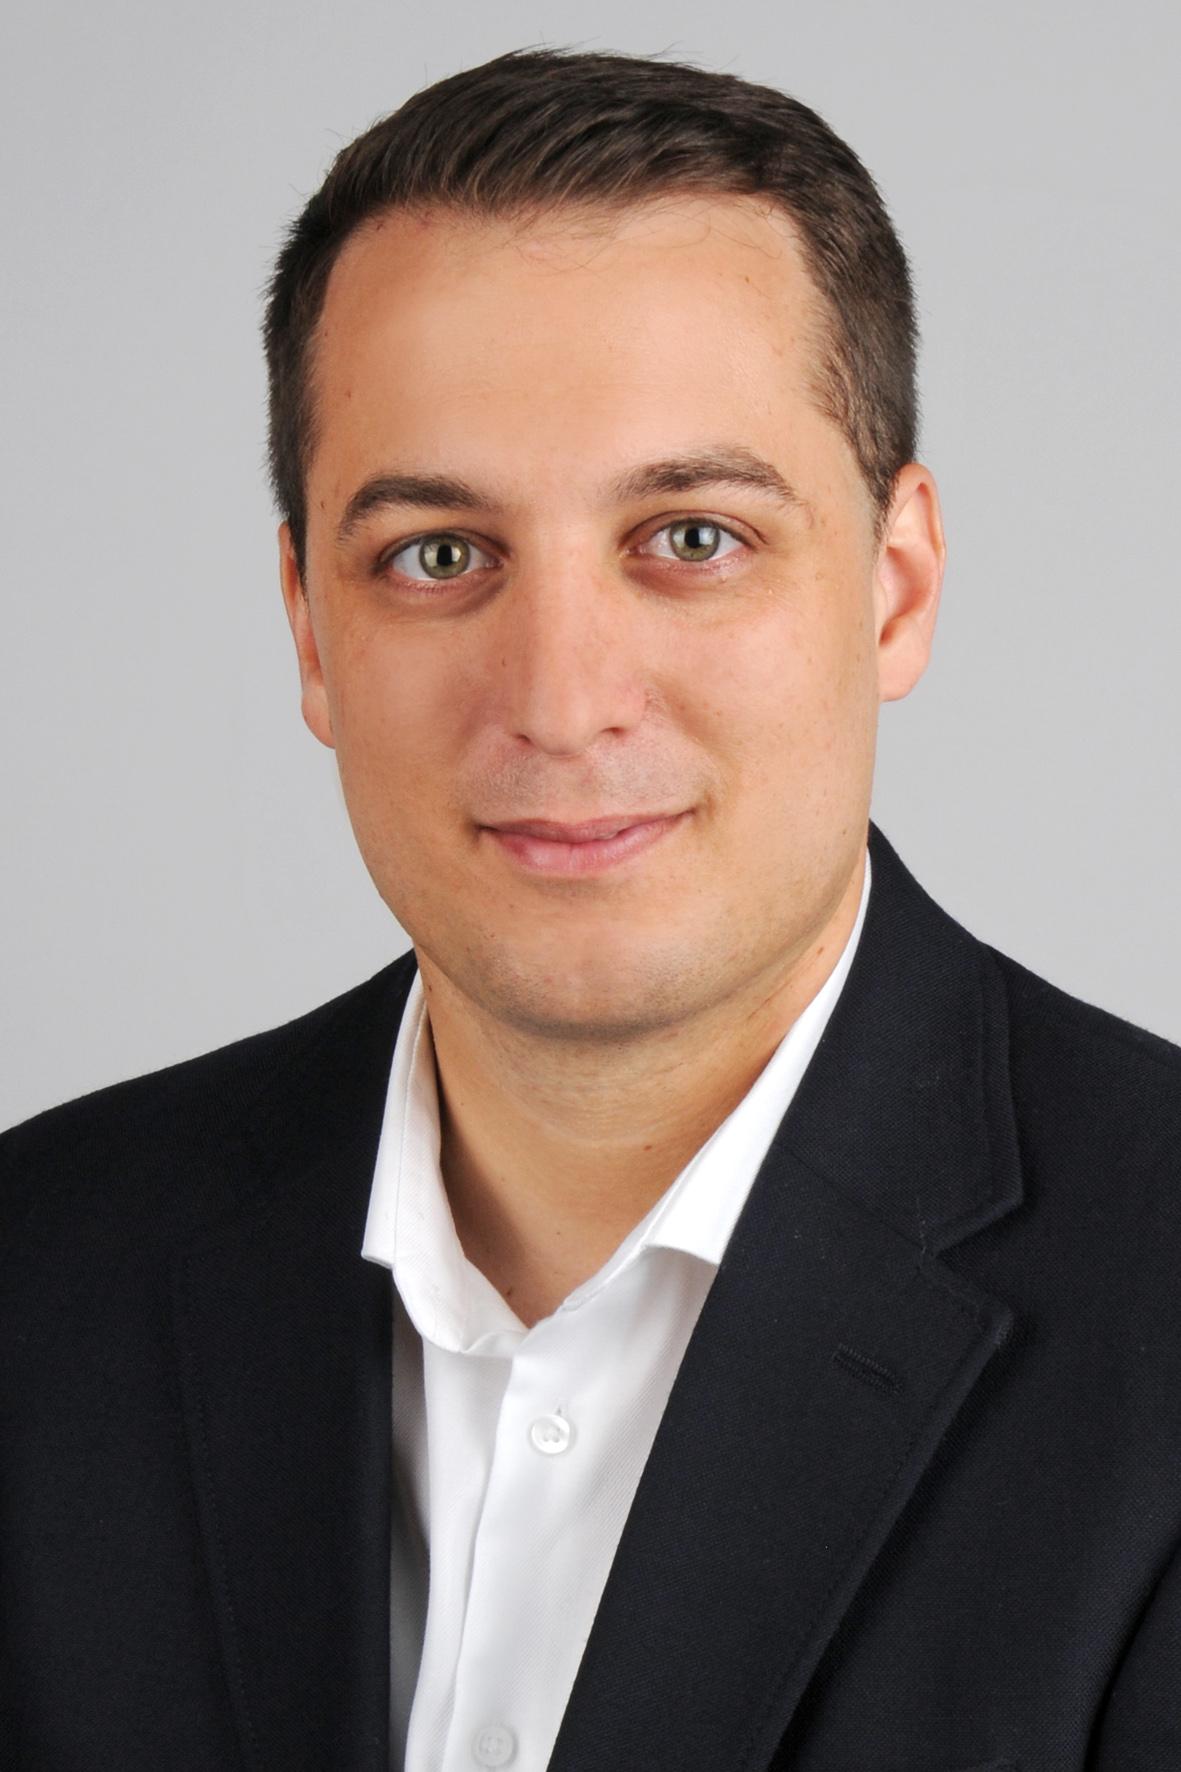 Lukas Kopp